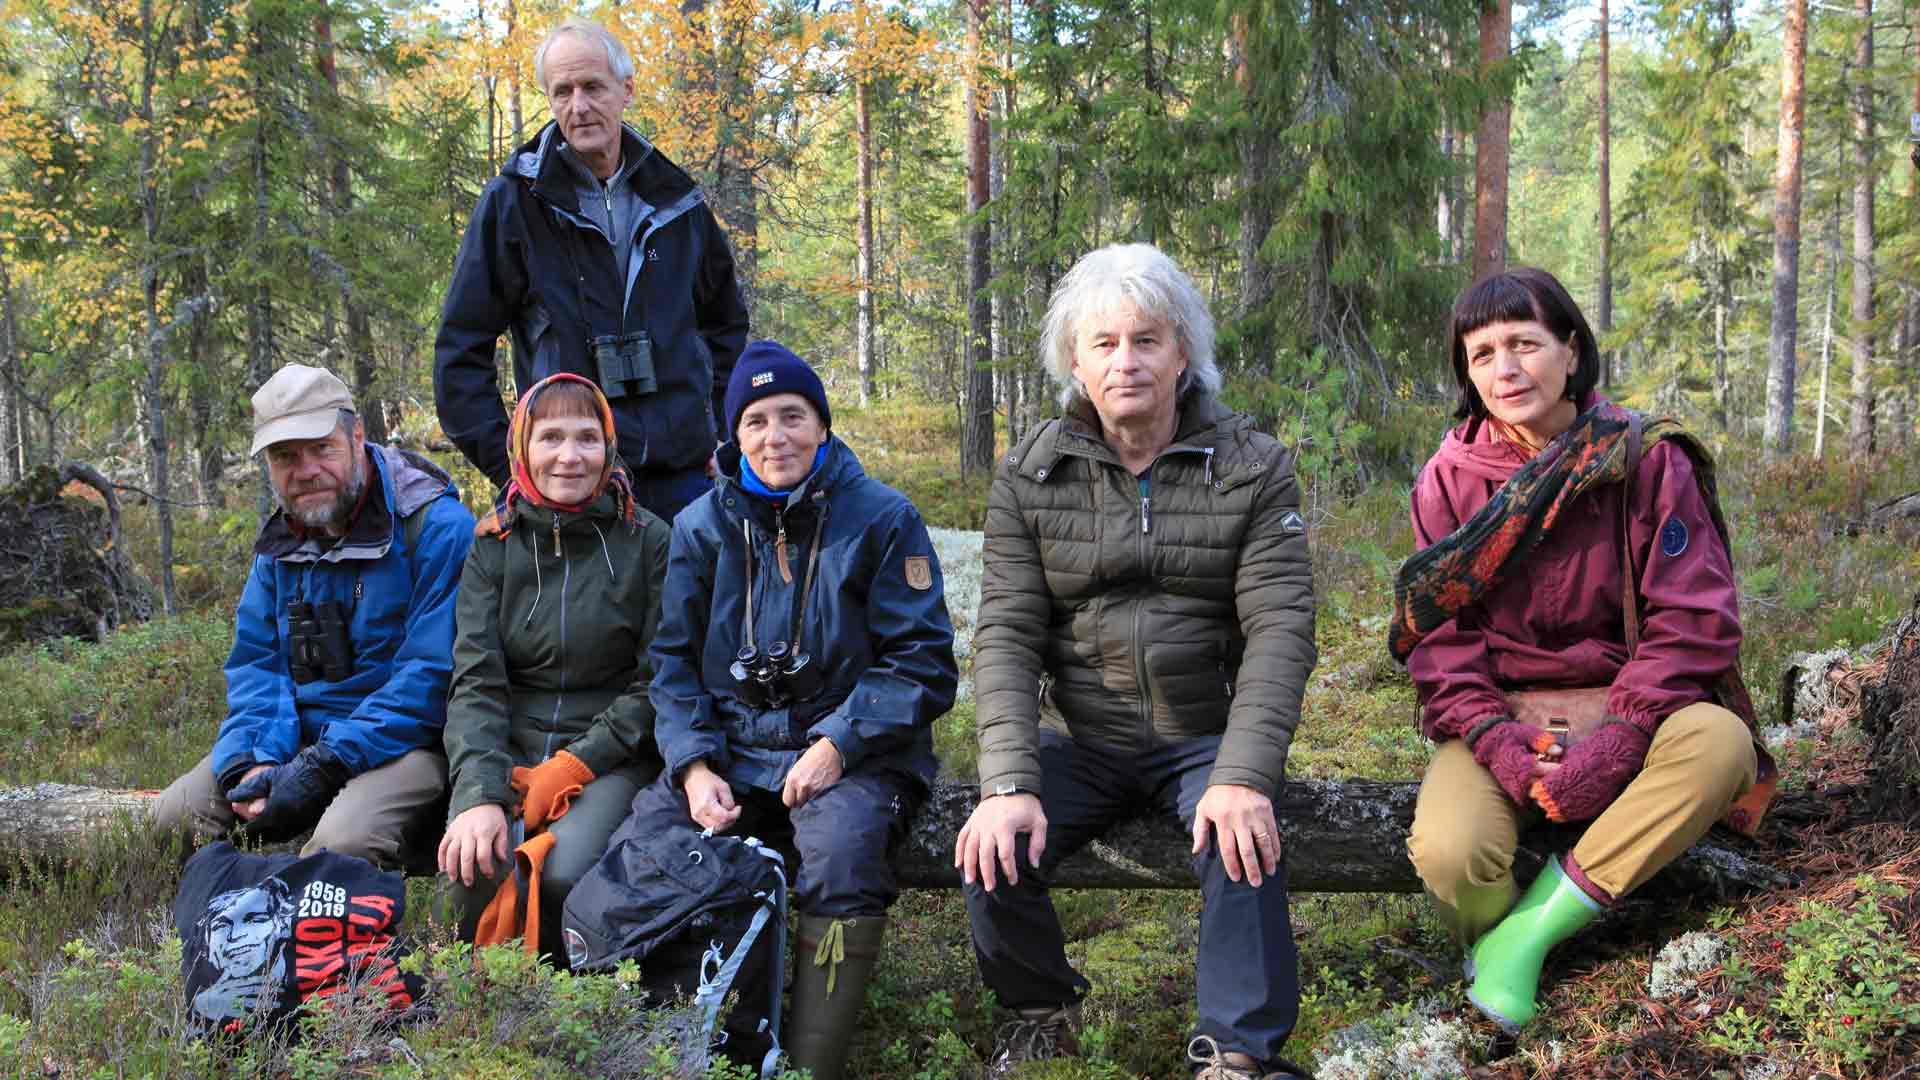 Matti Salminen katsoo takaa, kun Jukka Ruuhijärvi, Maritta Liedenpohja, Anneli Leivo, Juha Torvinen ja Eeva Saarela istuvat levähdyspaikalla.